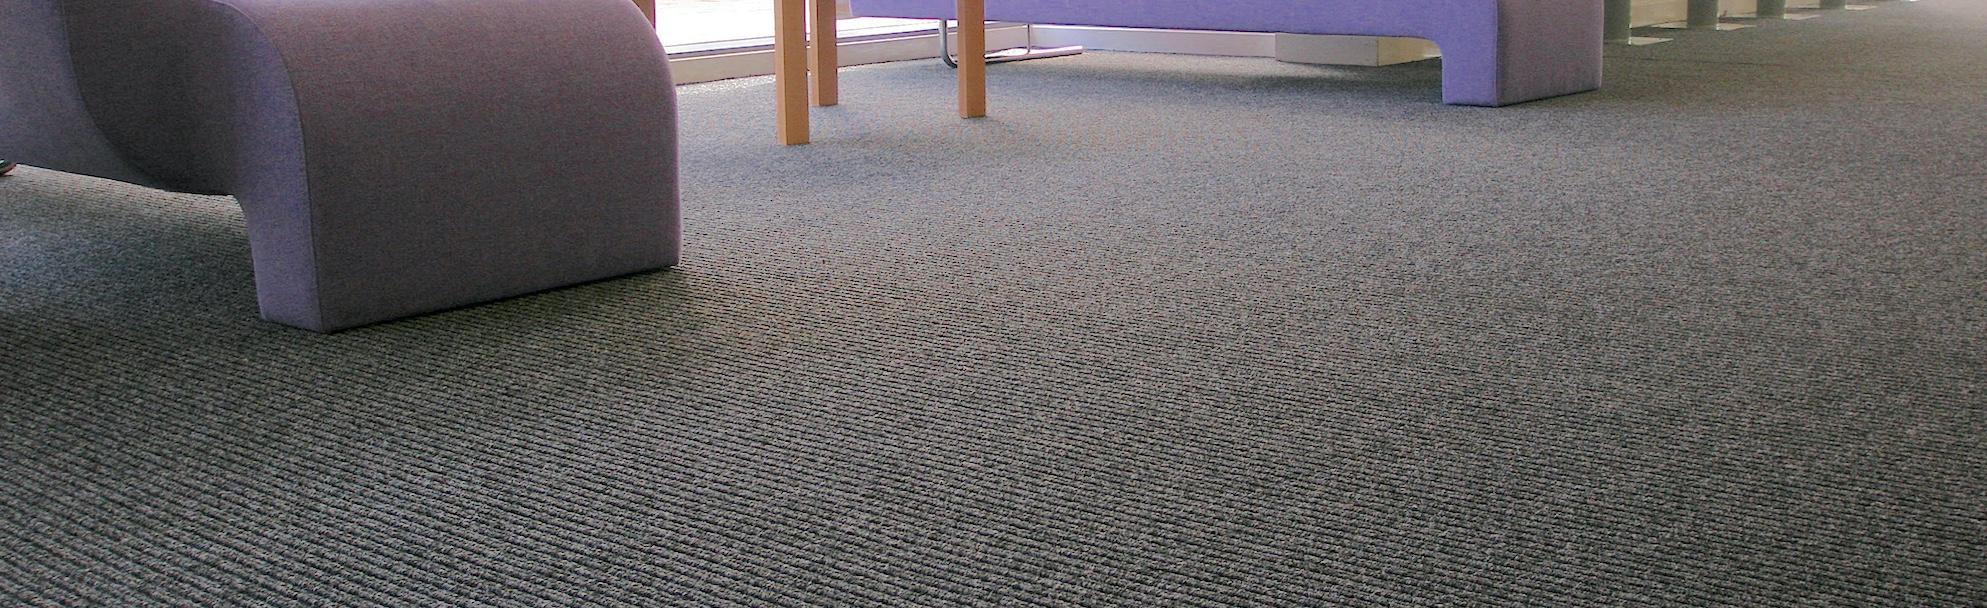 Heckmondwike | Commercial Carpet and Carpet Tiles | Battleship/Hippo